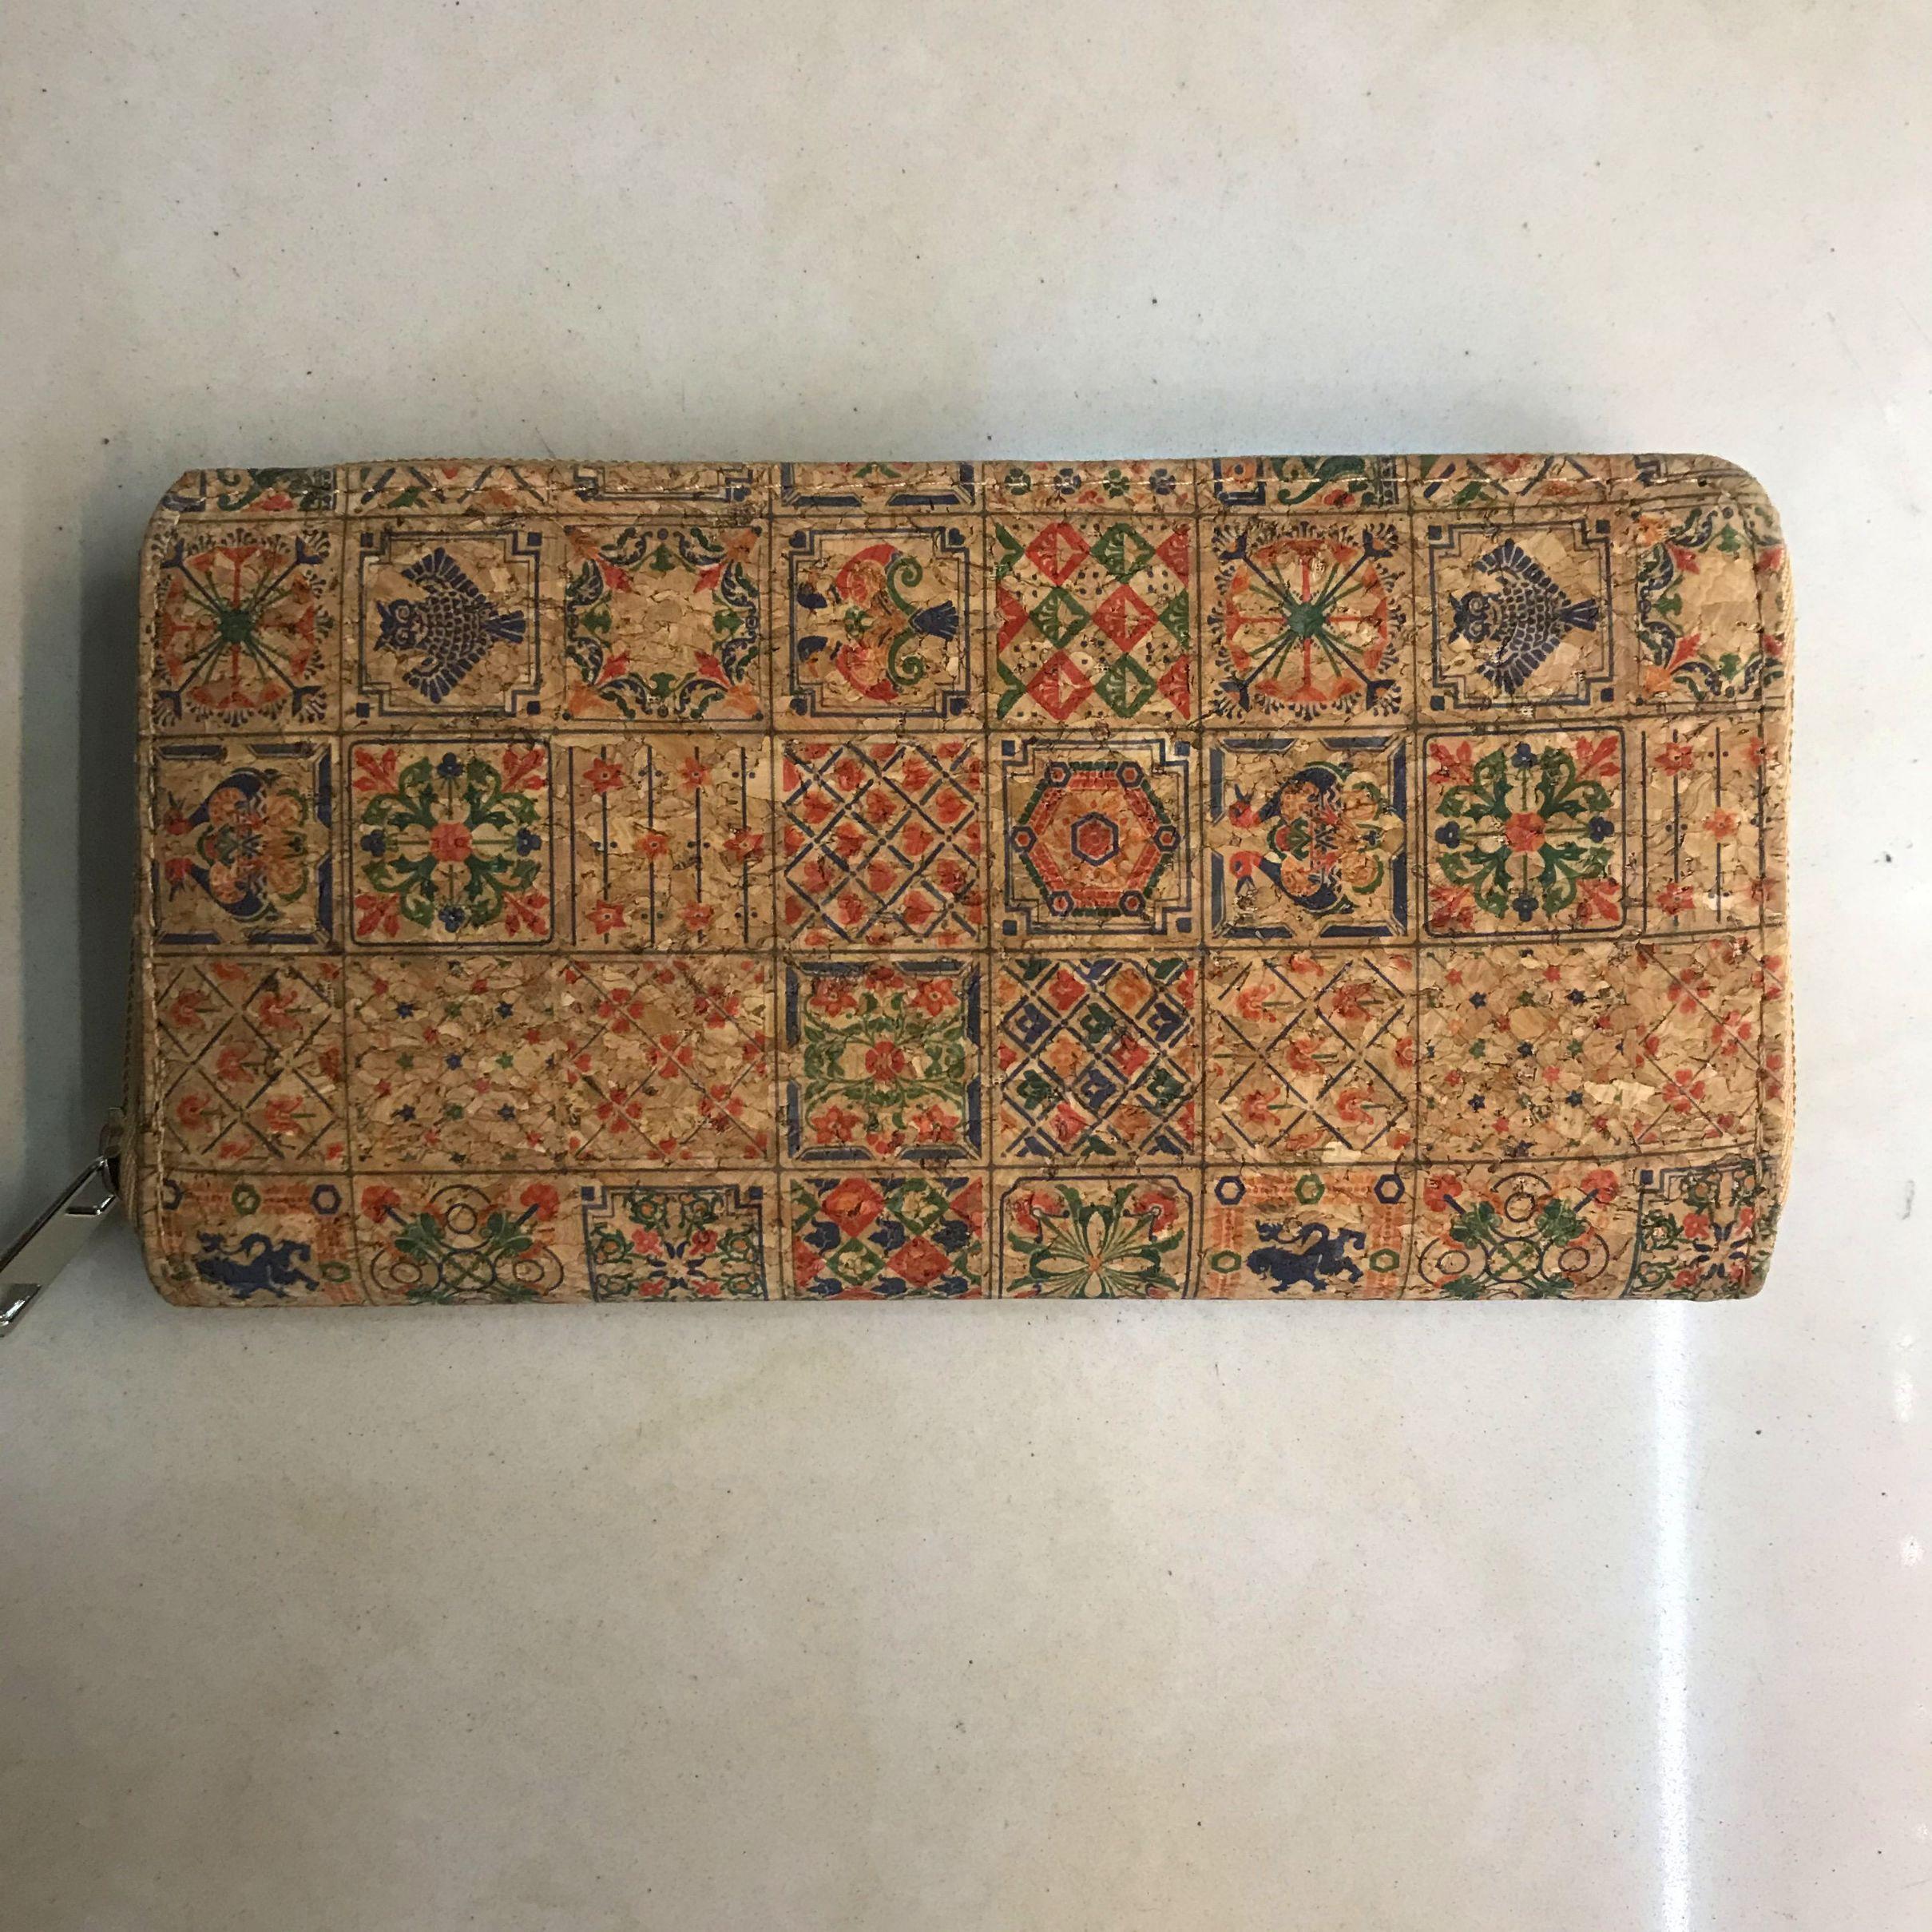 11525 女士钱包复古木纹单拉多功能印花拉链长款钱包